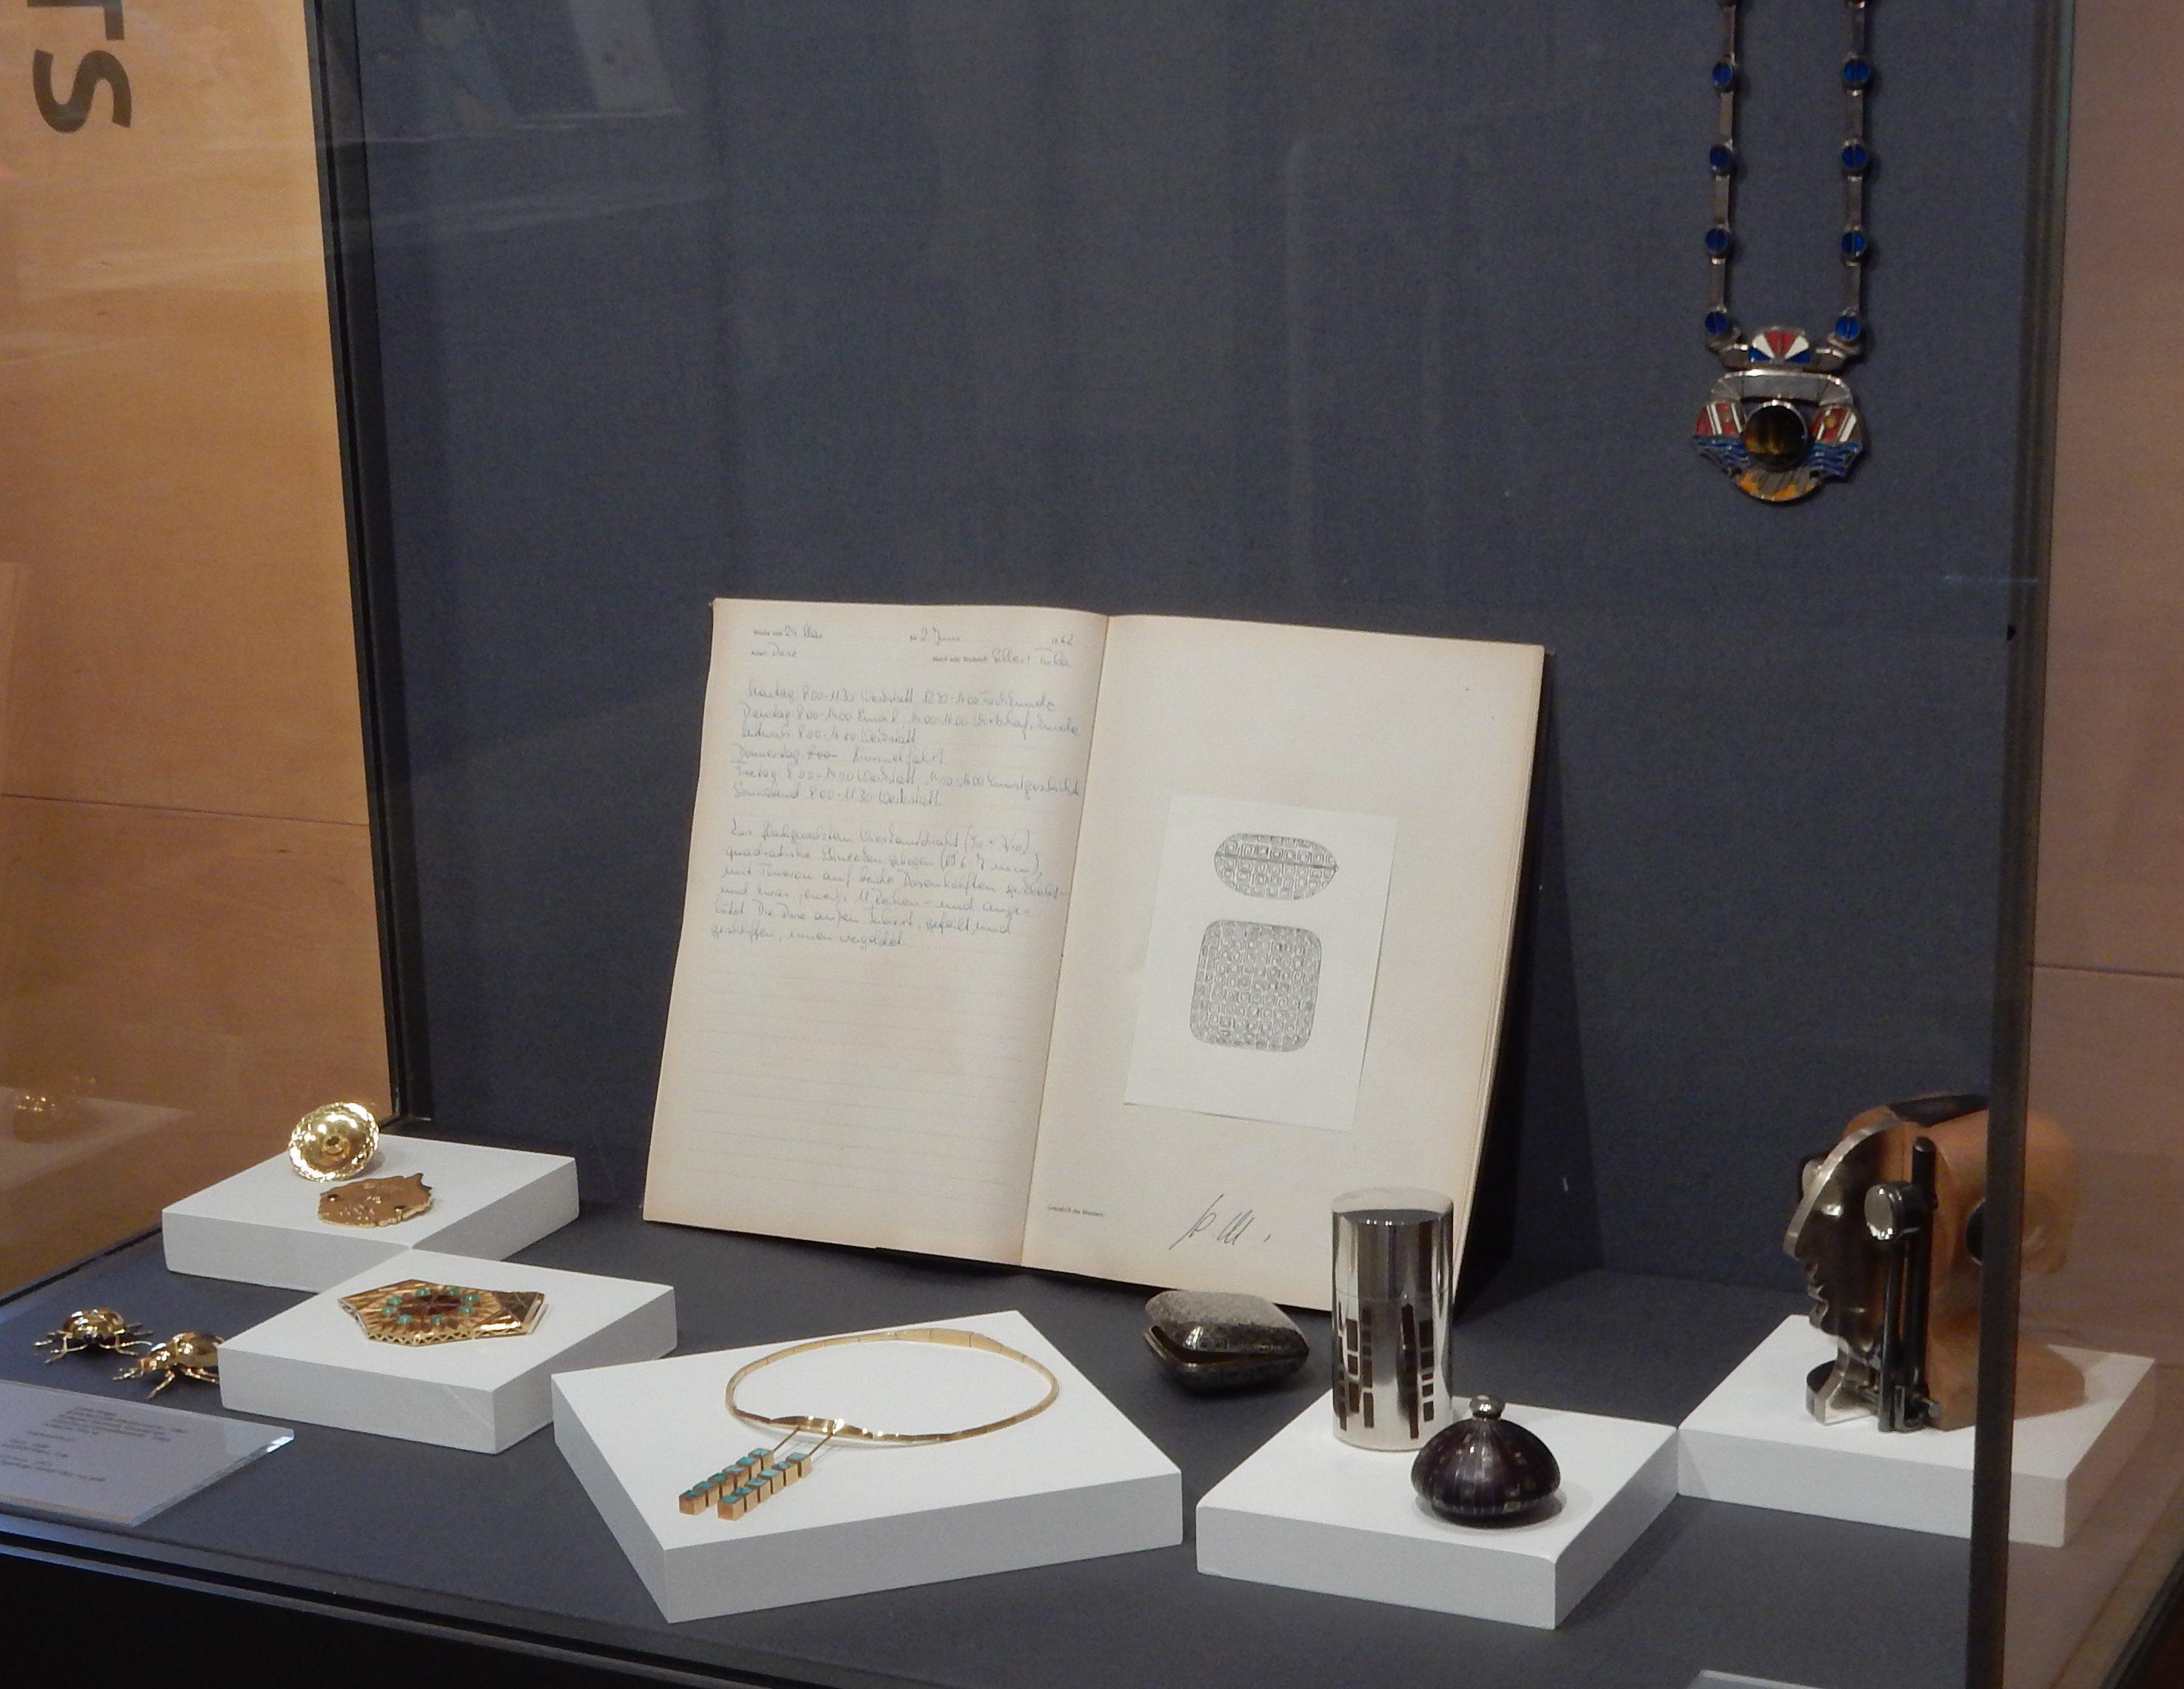 Künstler des Monats, Gisela & Wolfgang Flügge. Deutsches Goldschmiedehaus. Foto Esther Doornbusch, mei 2019, vitrine, halssieraad